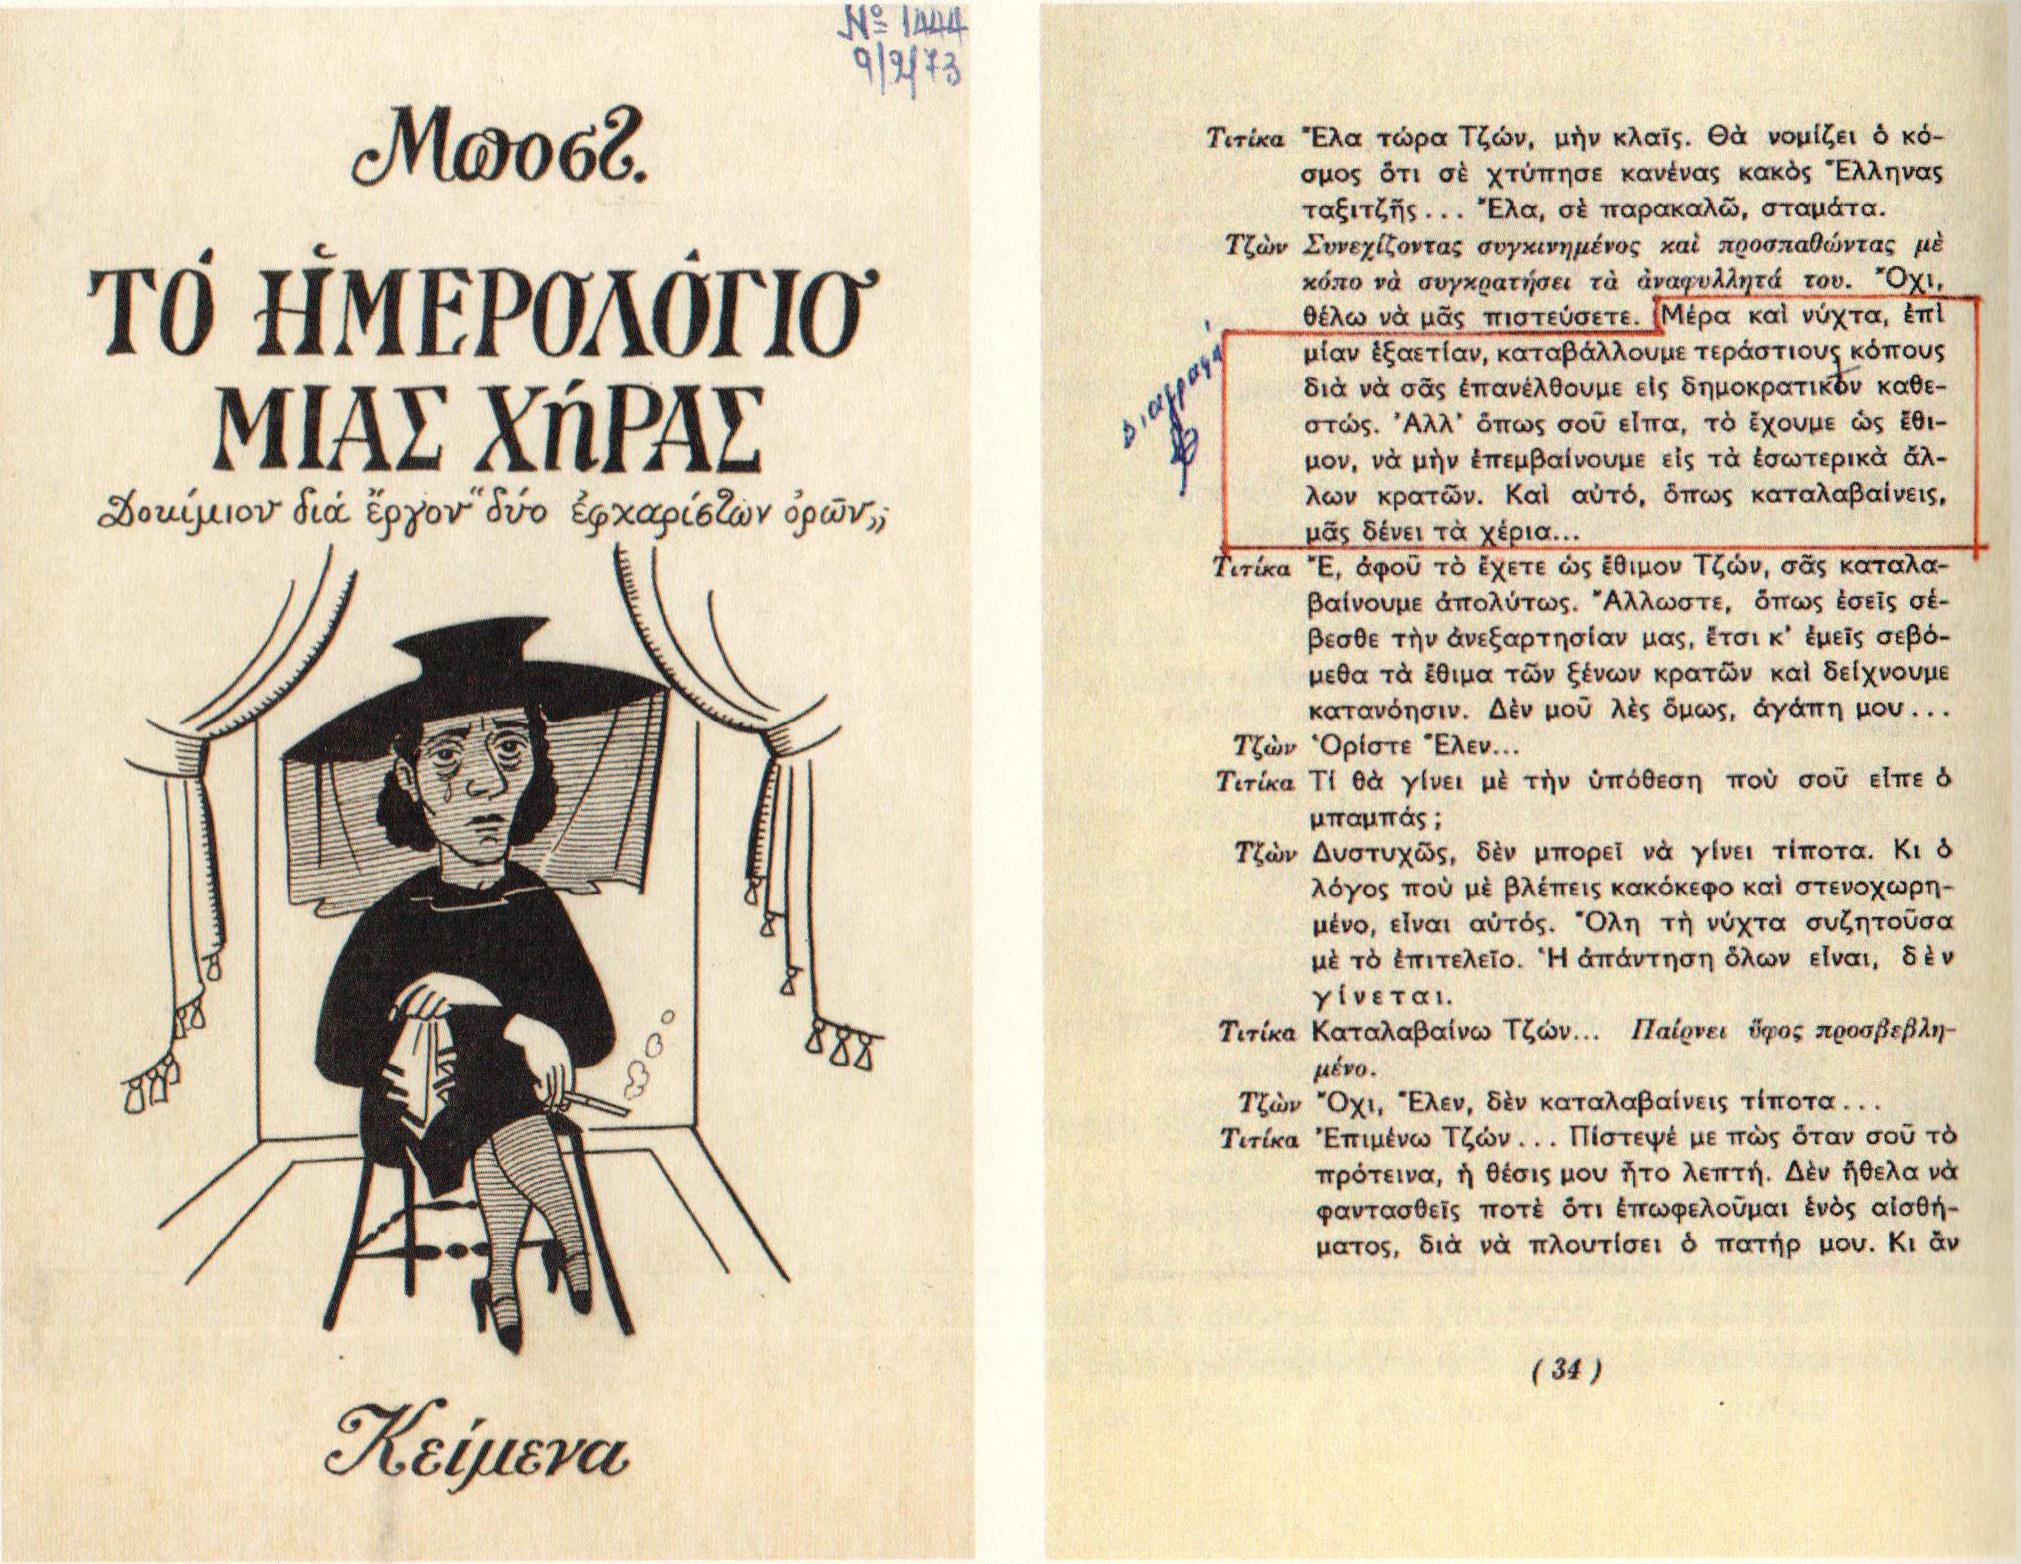 Λογοκριμένα περιοδικά και έντυπα: Το Ημερολόγιο μιας χήρας του Μποστ, 1970